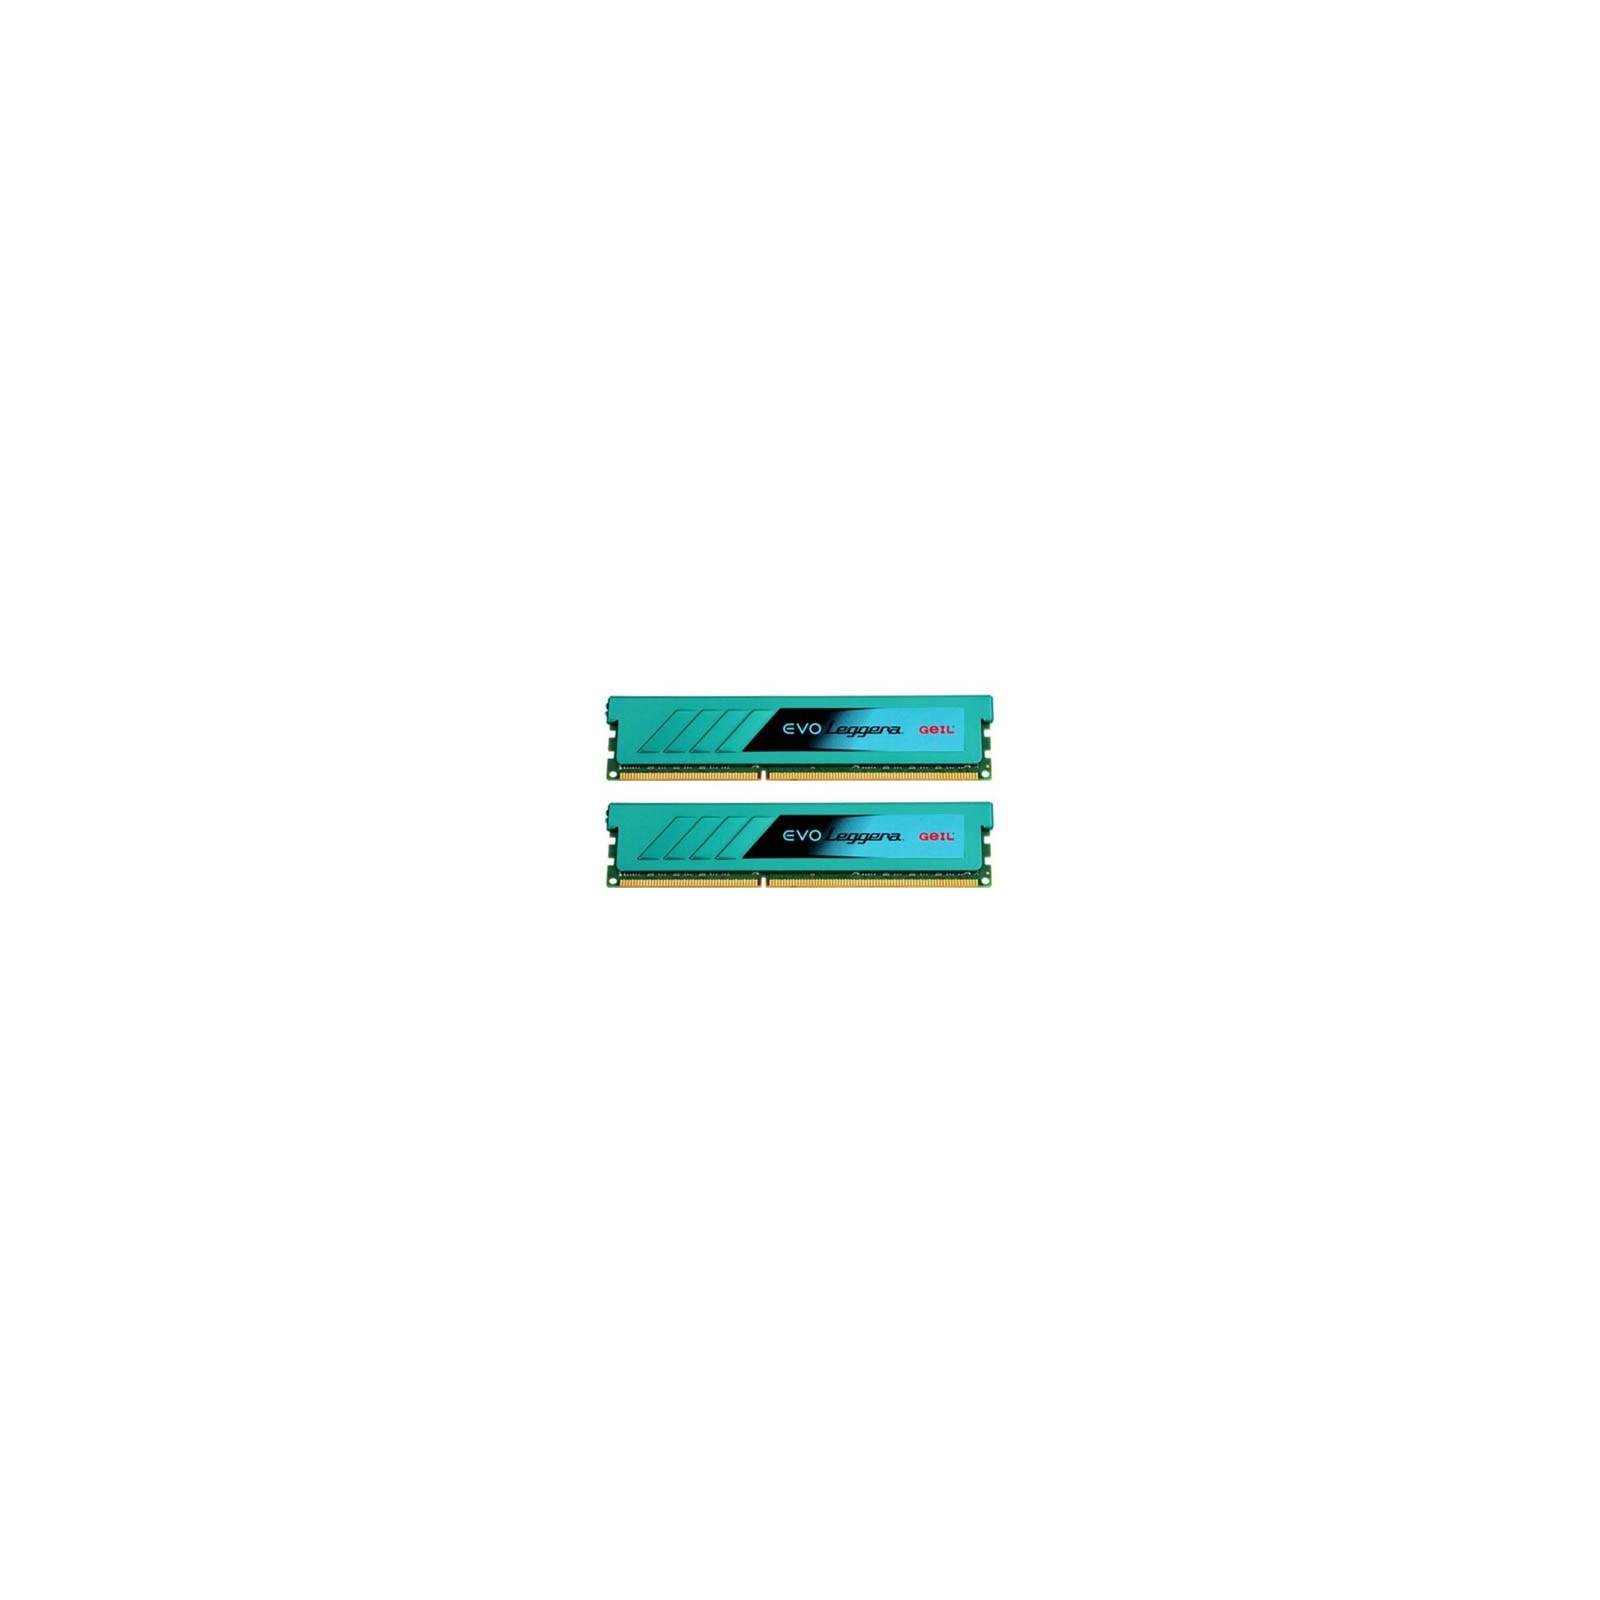 Модуль памяти для компьютера DDR3 8GB (2x4GB) 2400 MHz GEIL (GEL38GB2400C11ADC)